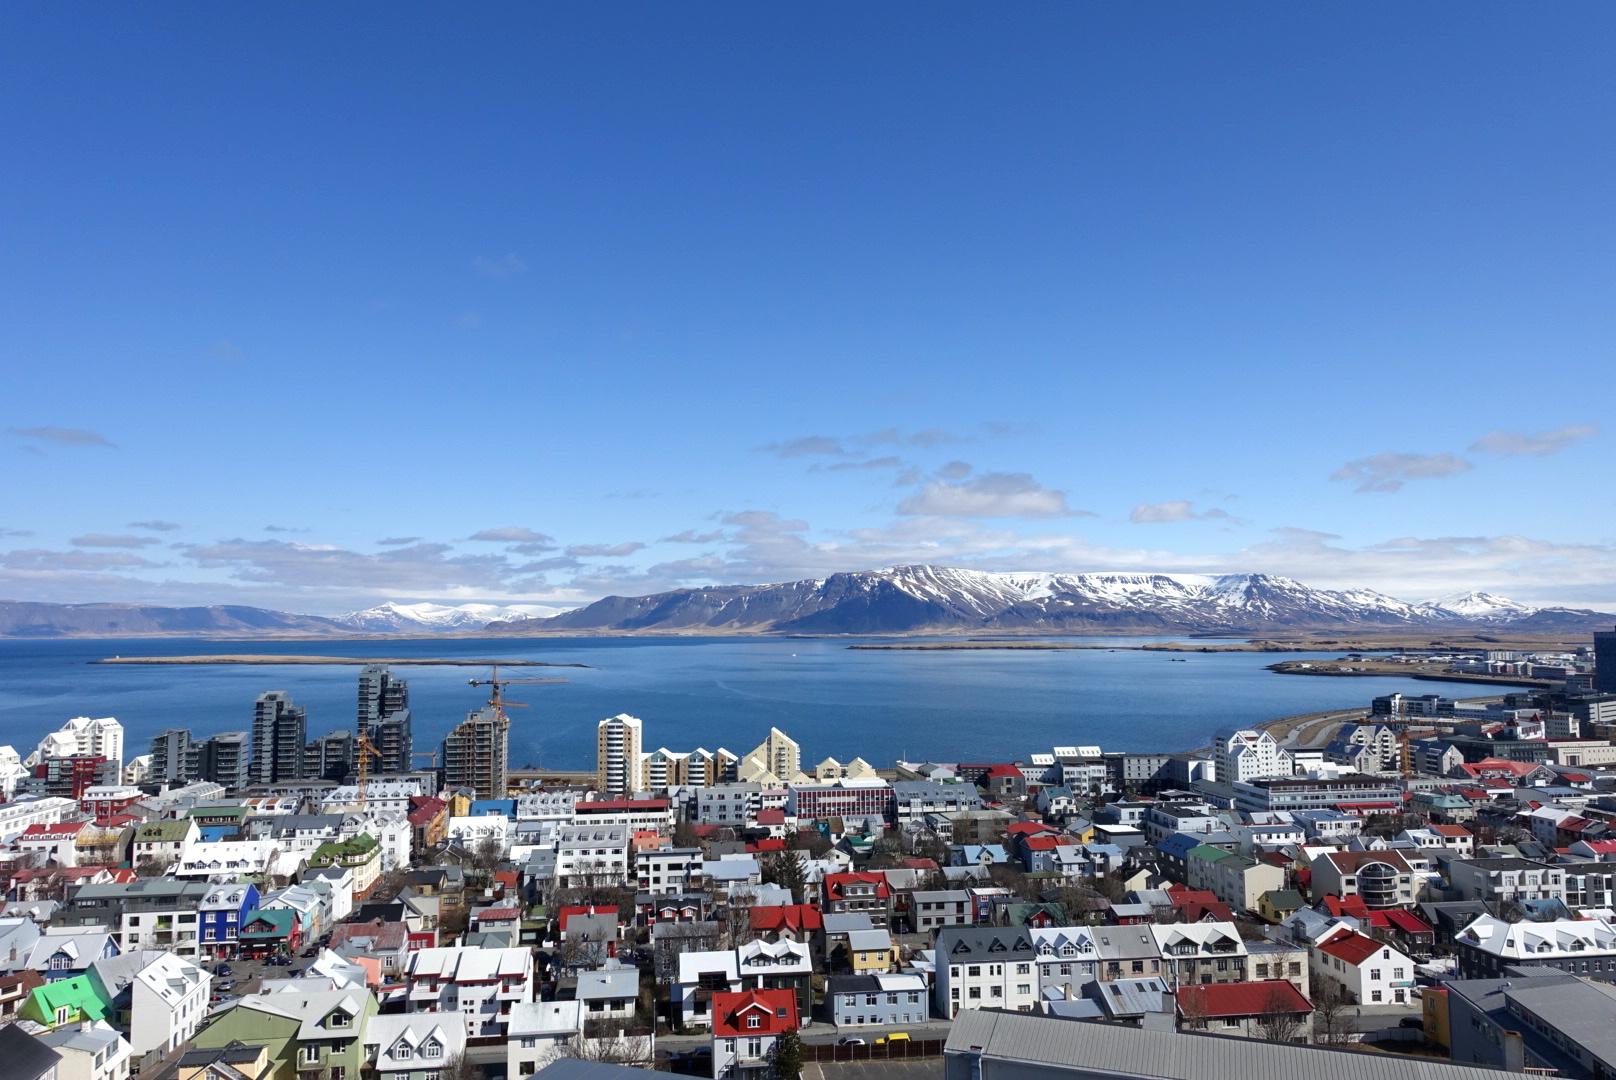 Vacaciones de 4 días y 3 noches en Islandia en verano - day 1